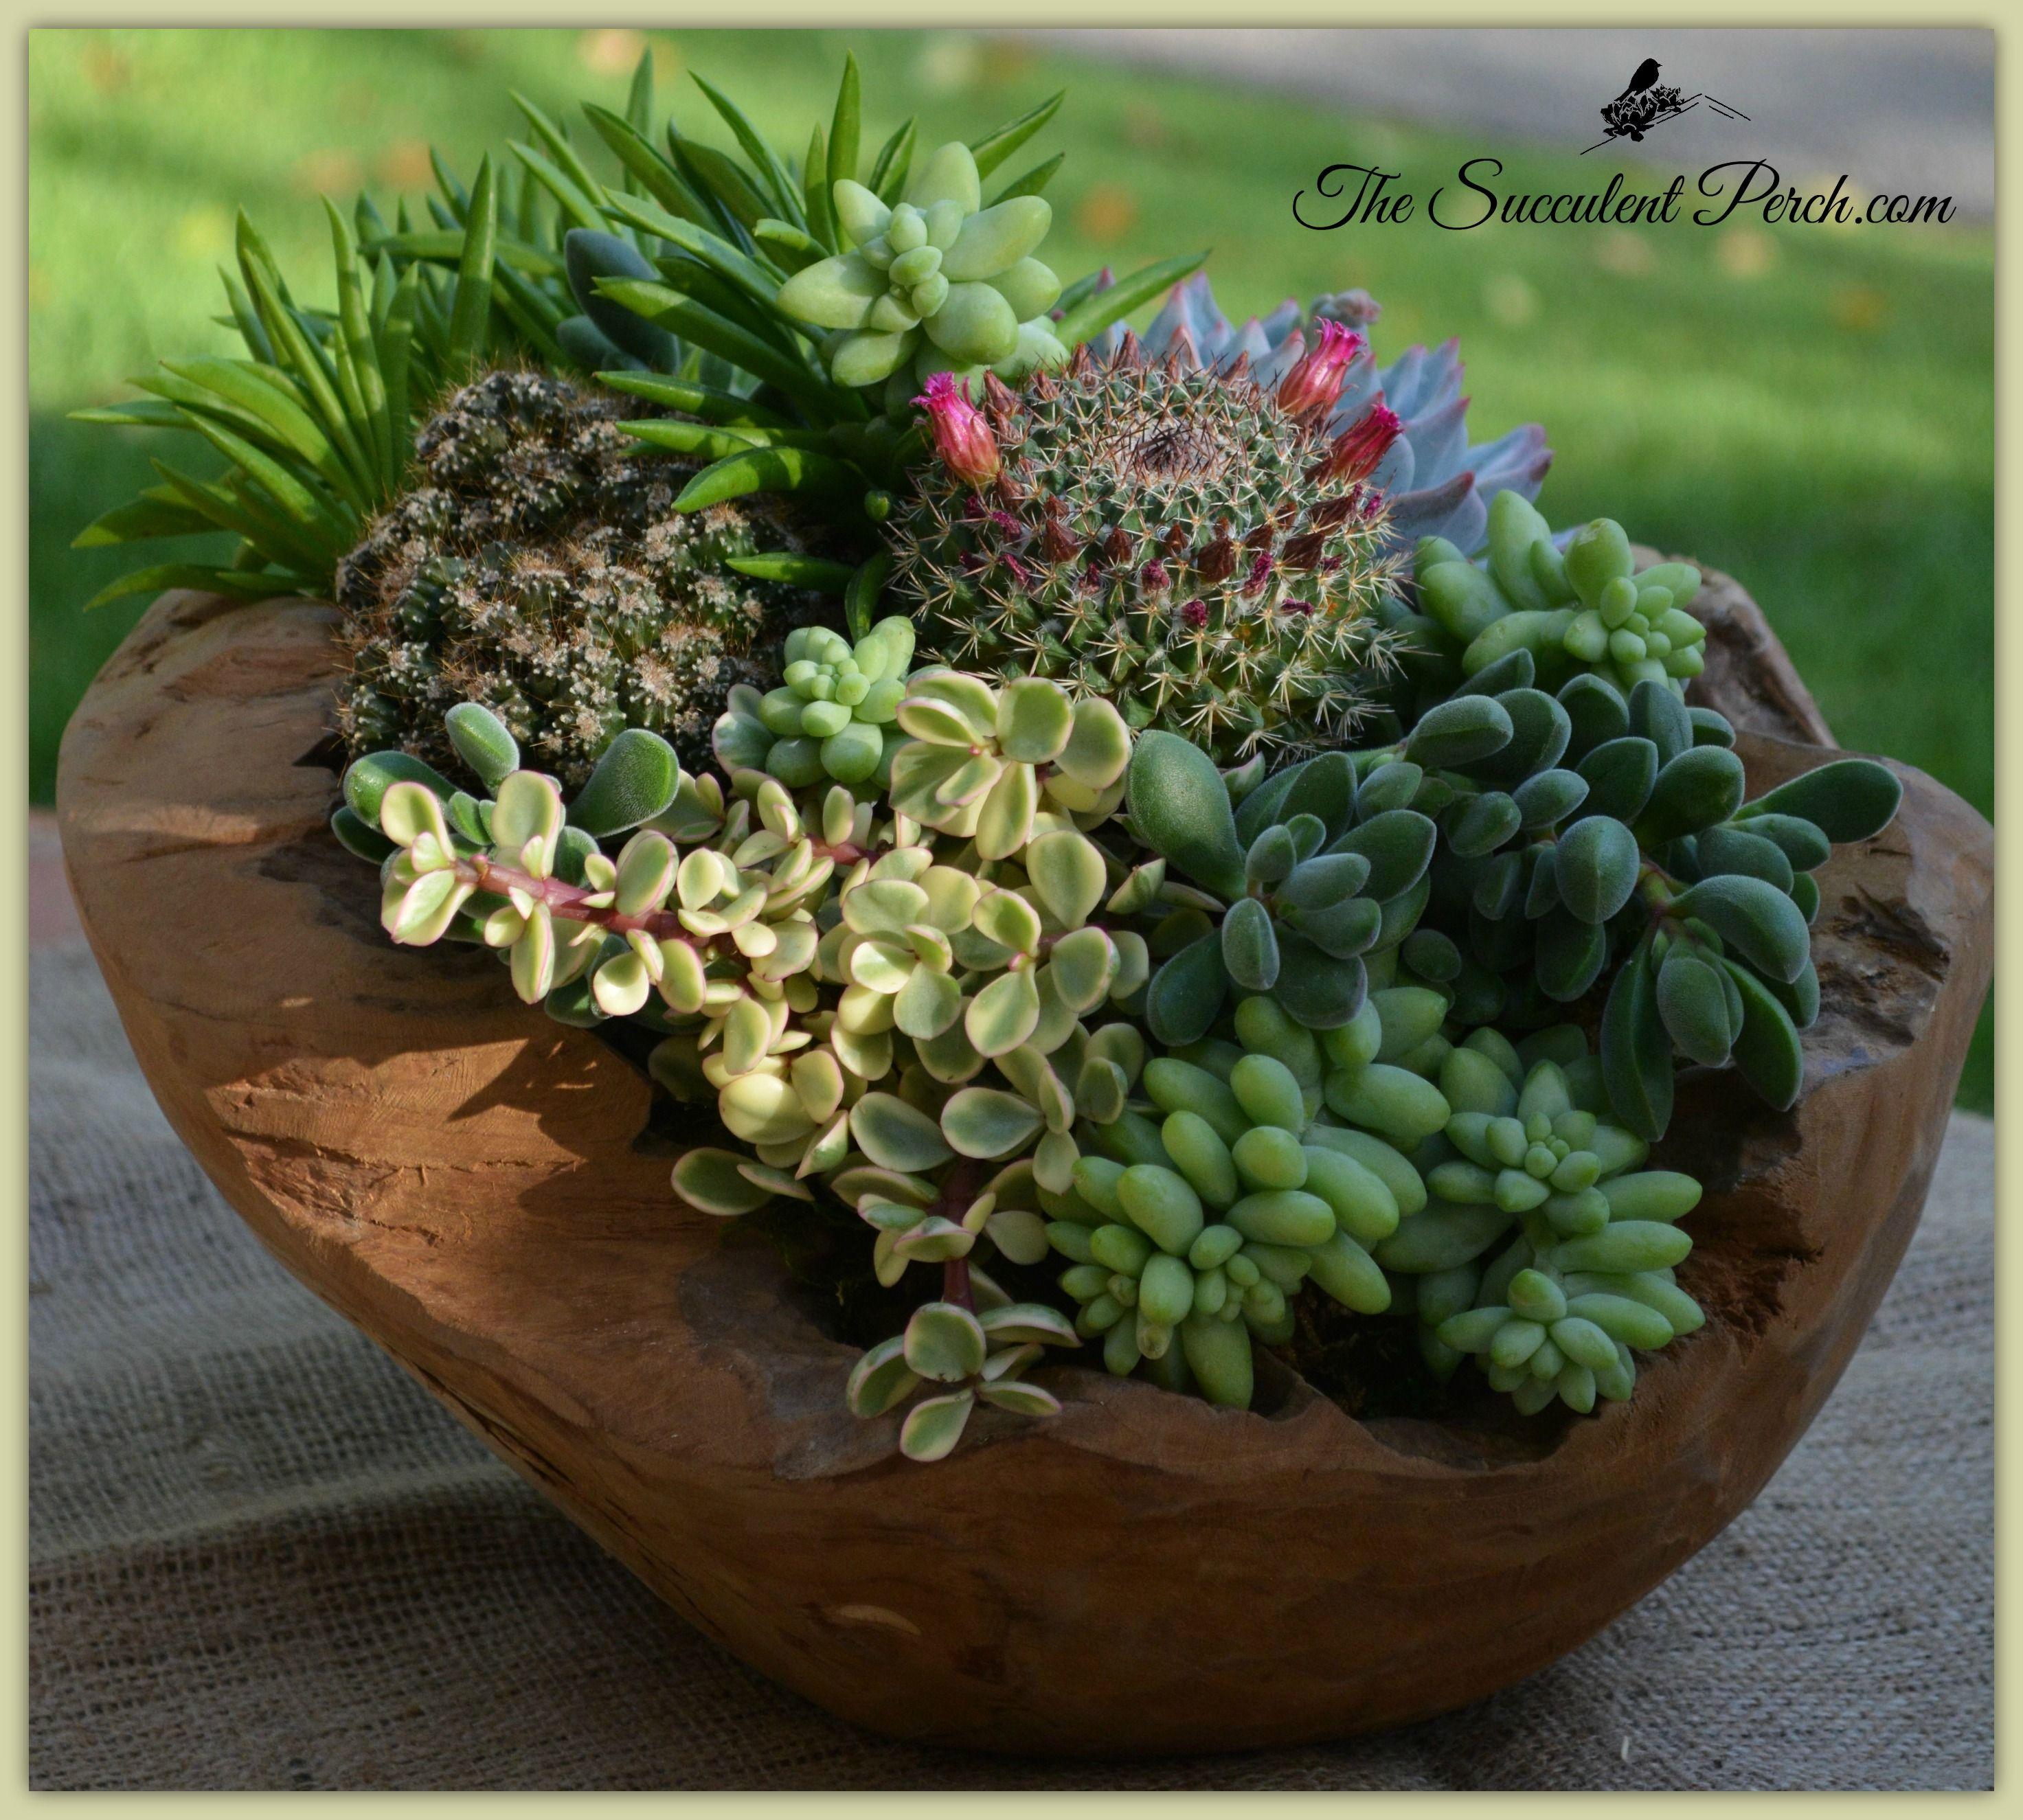 The Succulent Perch Www Thesucculentperch Com Www Facebook Com